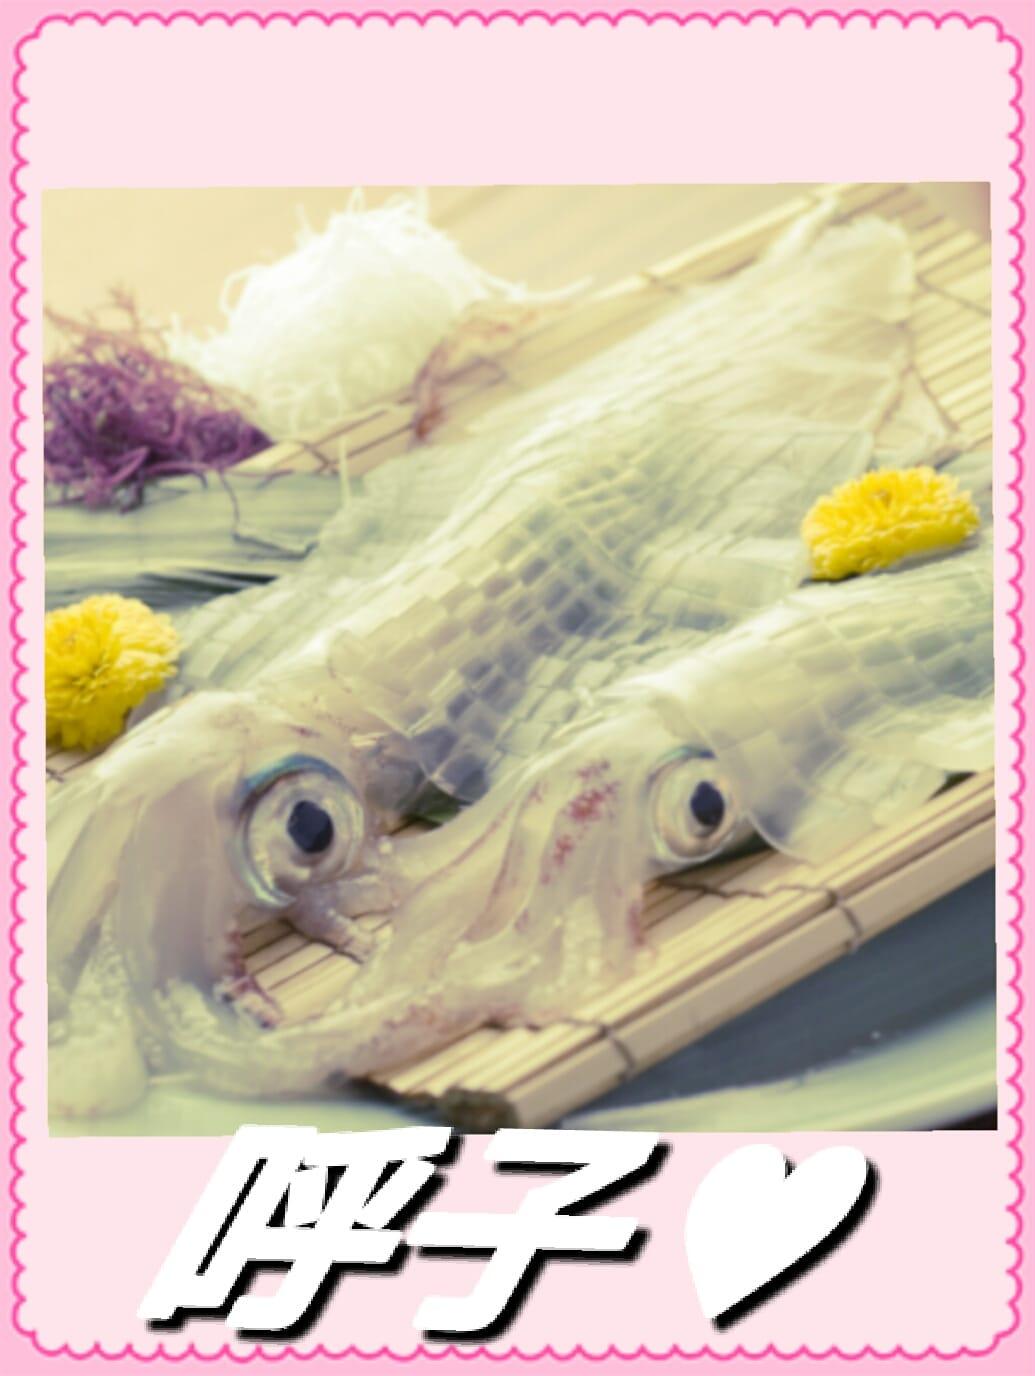 「こんにちわ」09/21(木) 01:13 | さらの写メ・風俗動画